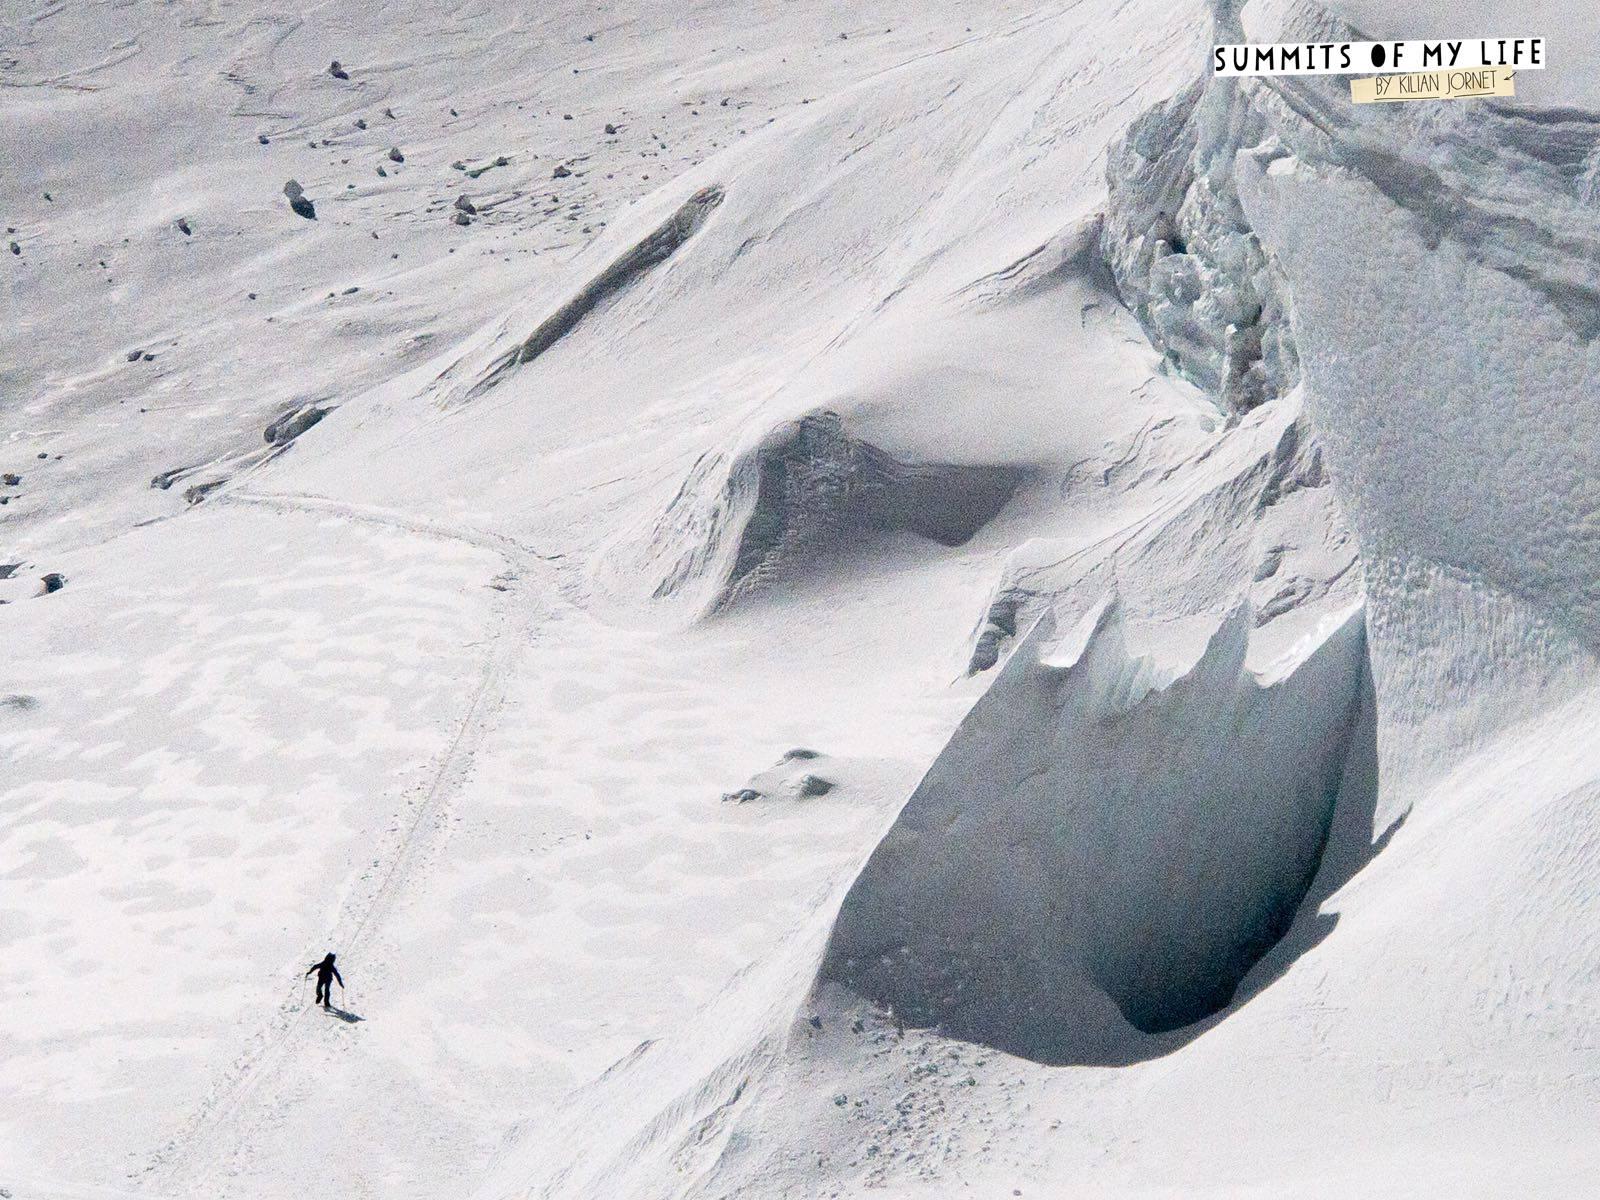 Kilian Jornet réalise une 2e ascension de l'Everest (8848m) sans oxygène en moins d'une semaine